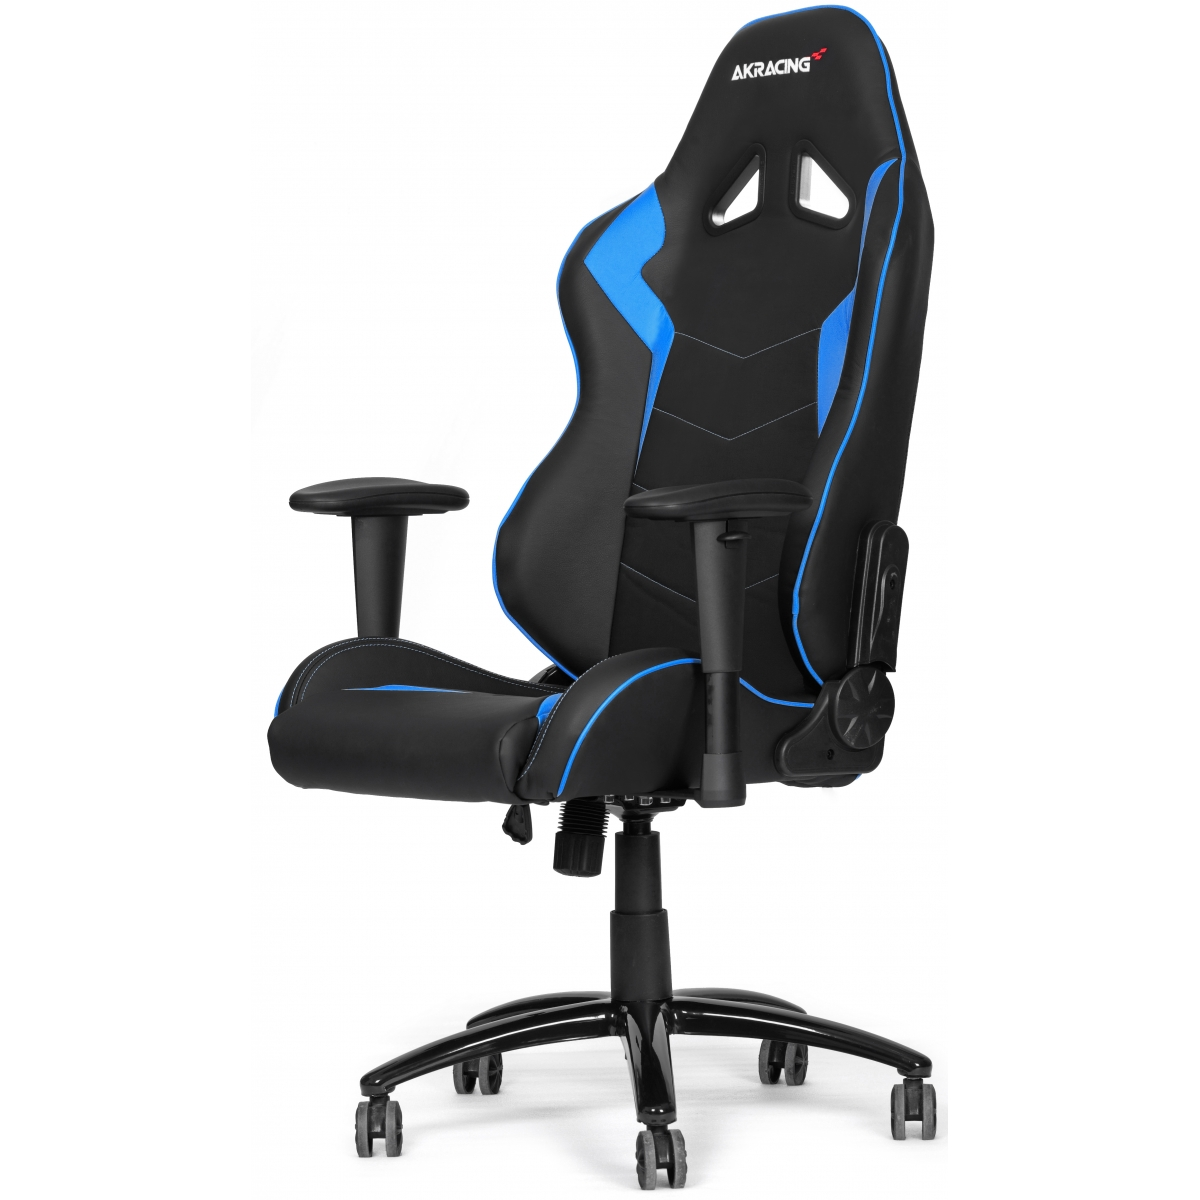 Cadeira Gamer AKRacing Octane, Blue, AK-OCTANE-BL